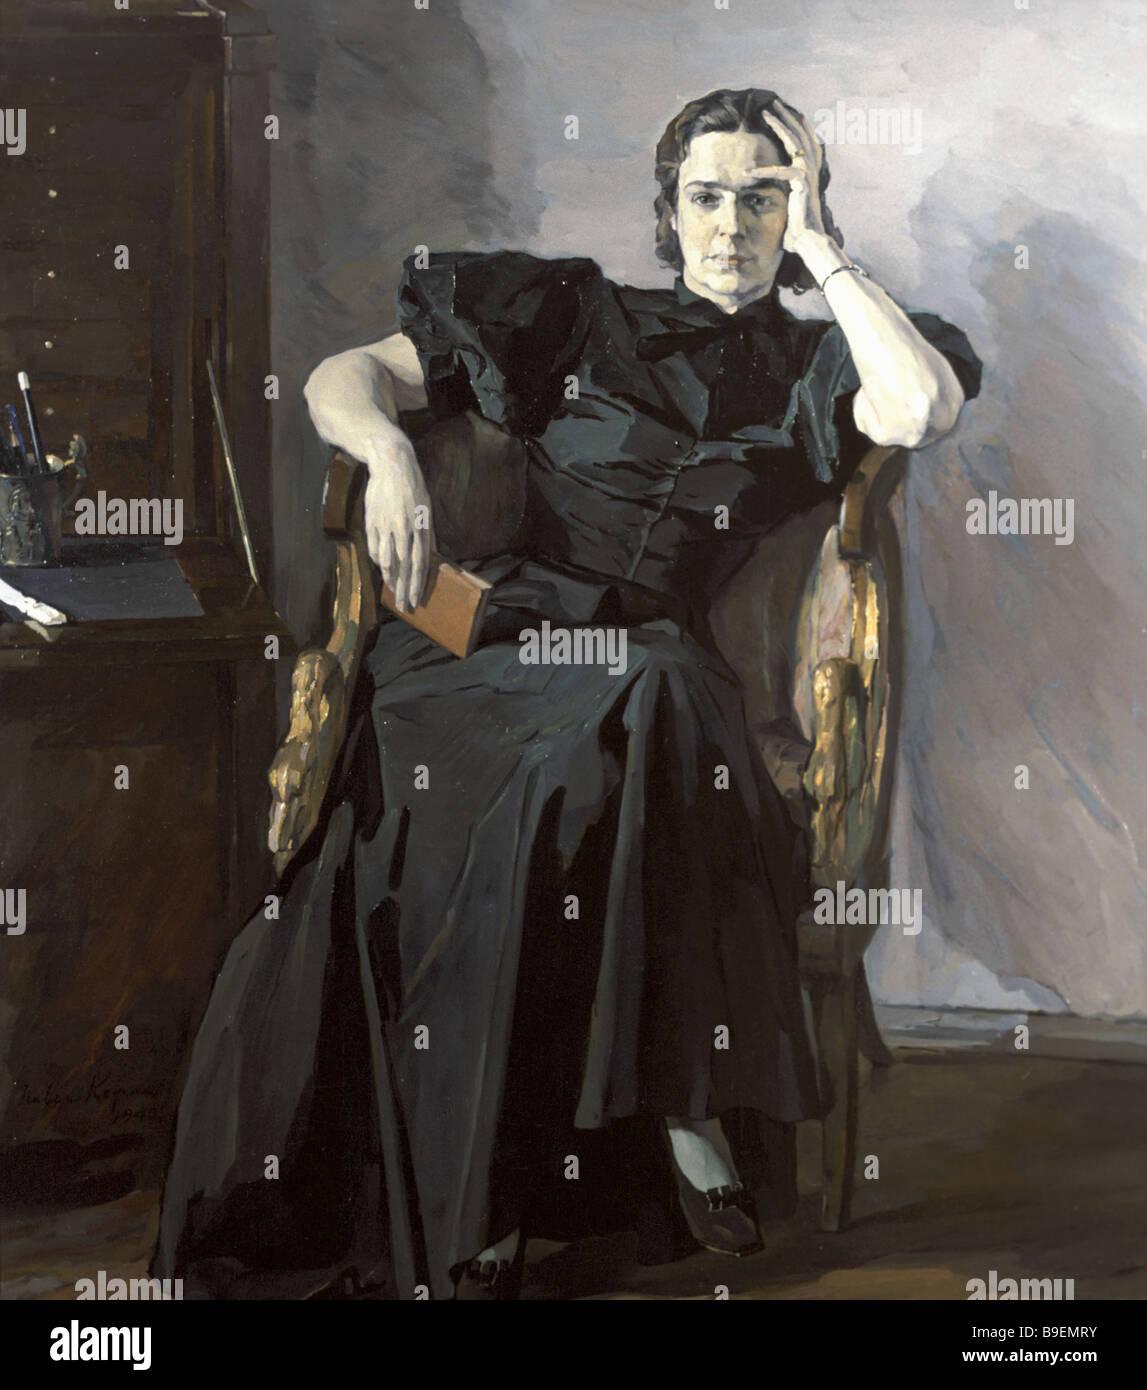 Pavel Korin Portrait of Nadezhda Peshkova 1940 State Tretyakov Gallery Moscow - Stock Image